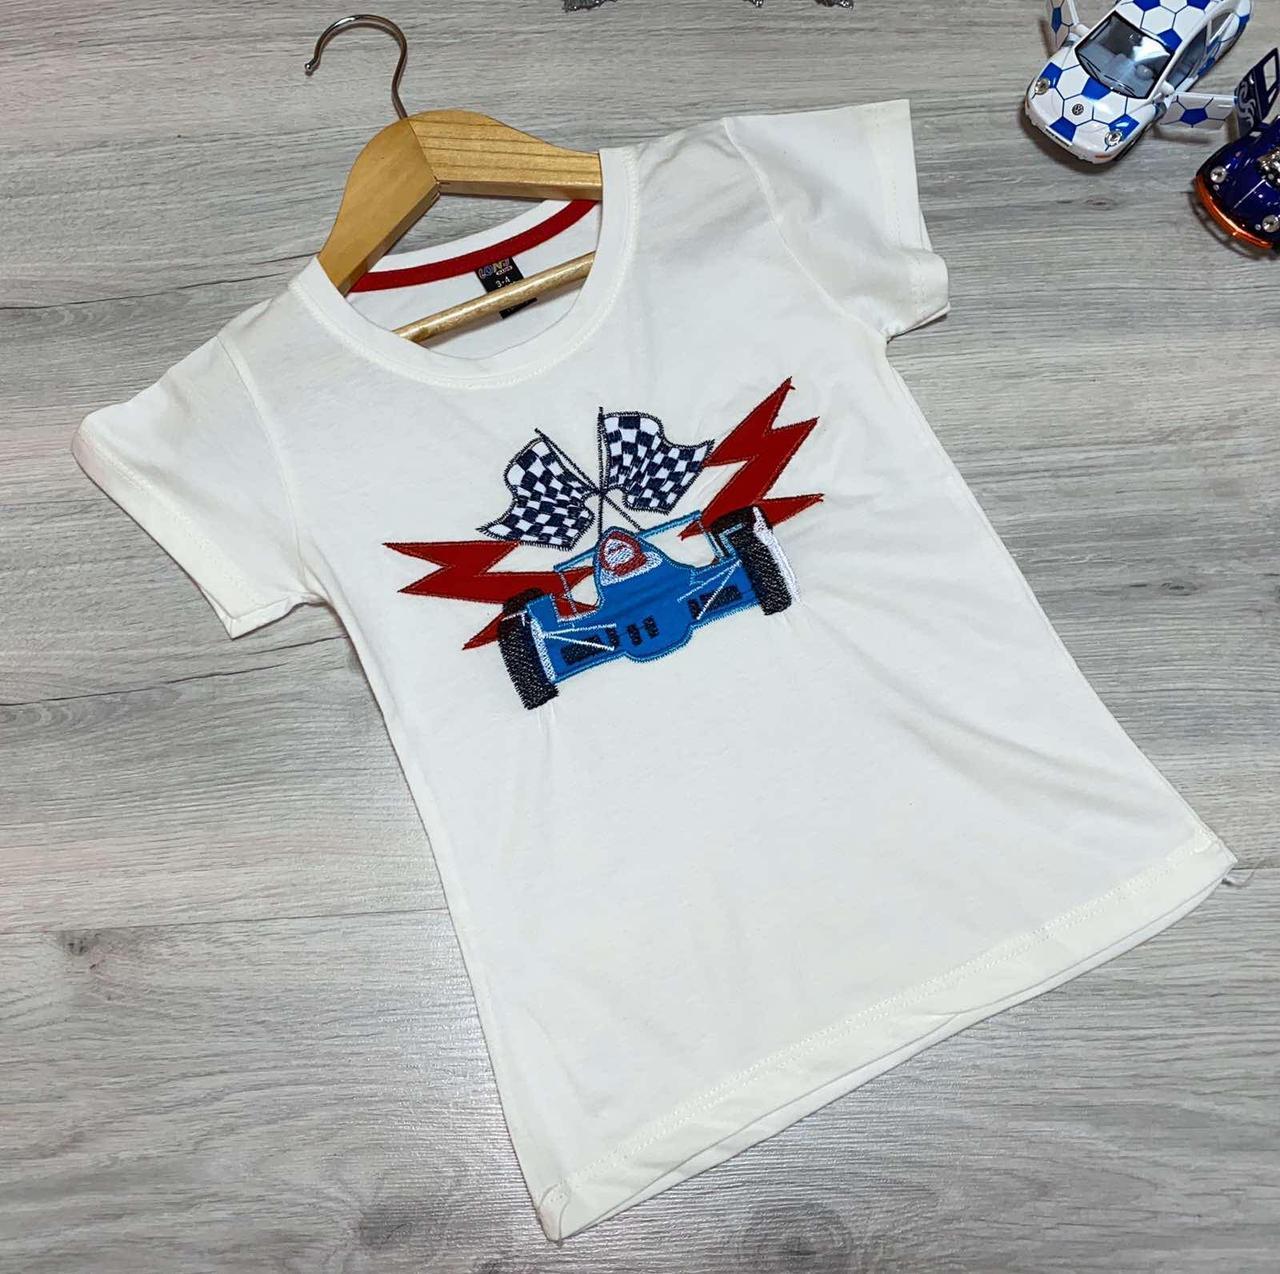 """Дитяча трикотажна футболка """"Гонка"""" для хлопчиків (1-8 років) (4 од в уп. ), Білий"""